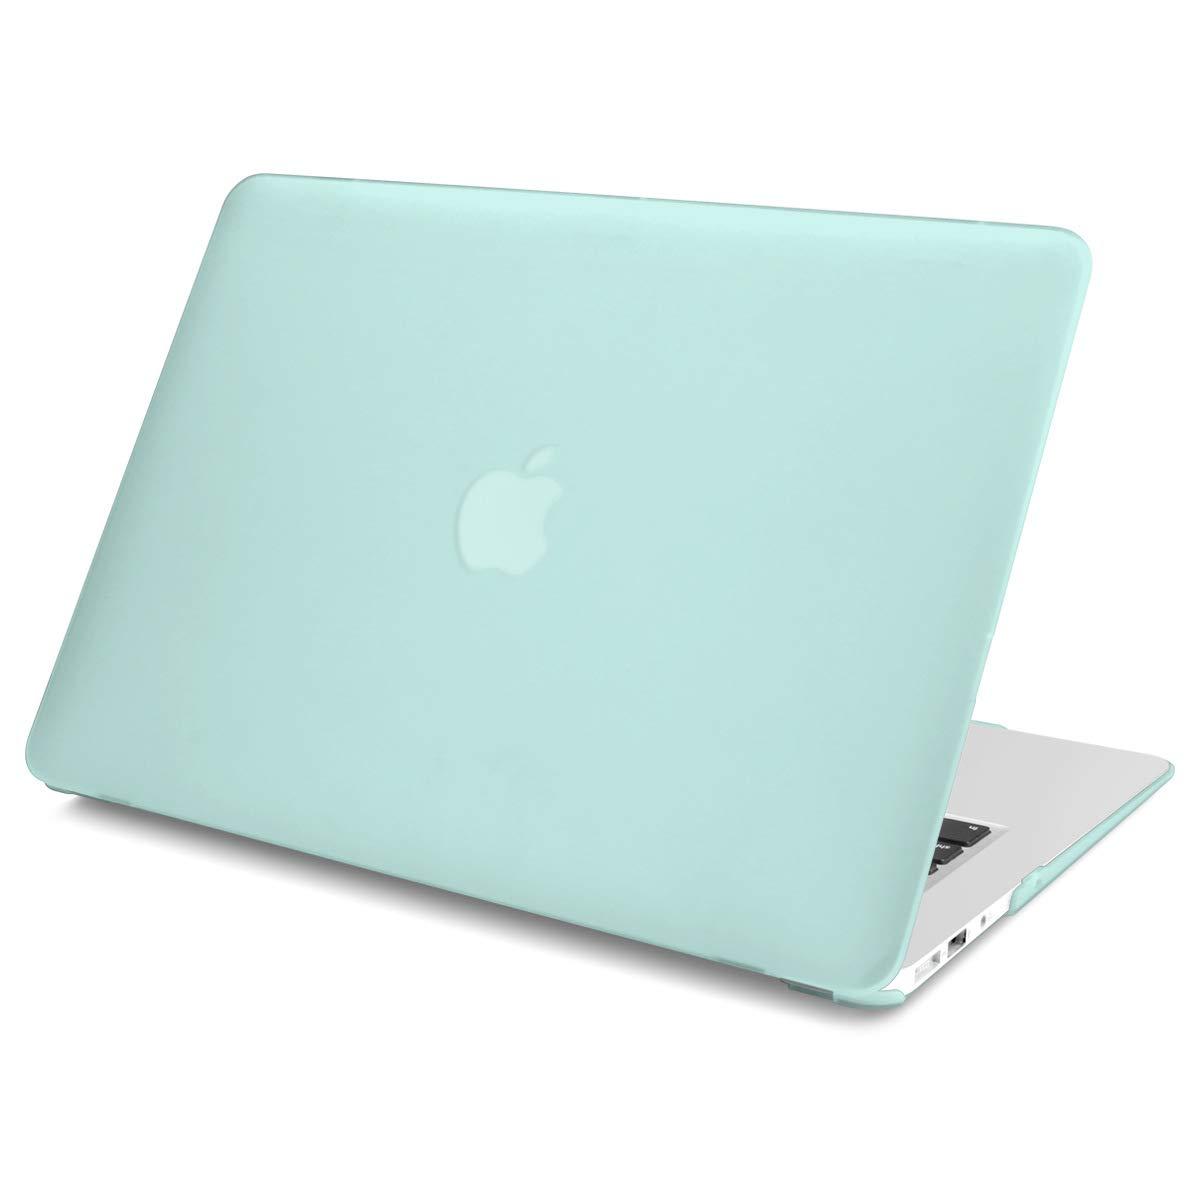 Batianda Funda Carcasa Rígida Dura para MacBook Pro 15 Pulgadas No Retina con CD-ROM (2012-2015 Lanzamiento) A1286,Crudo